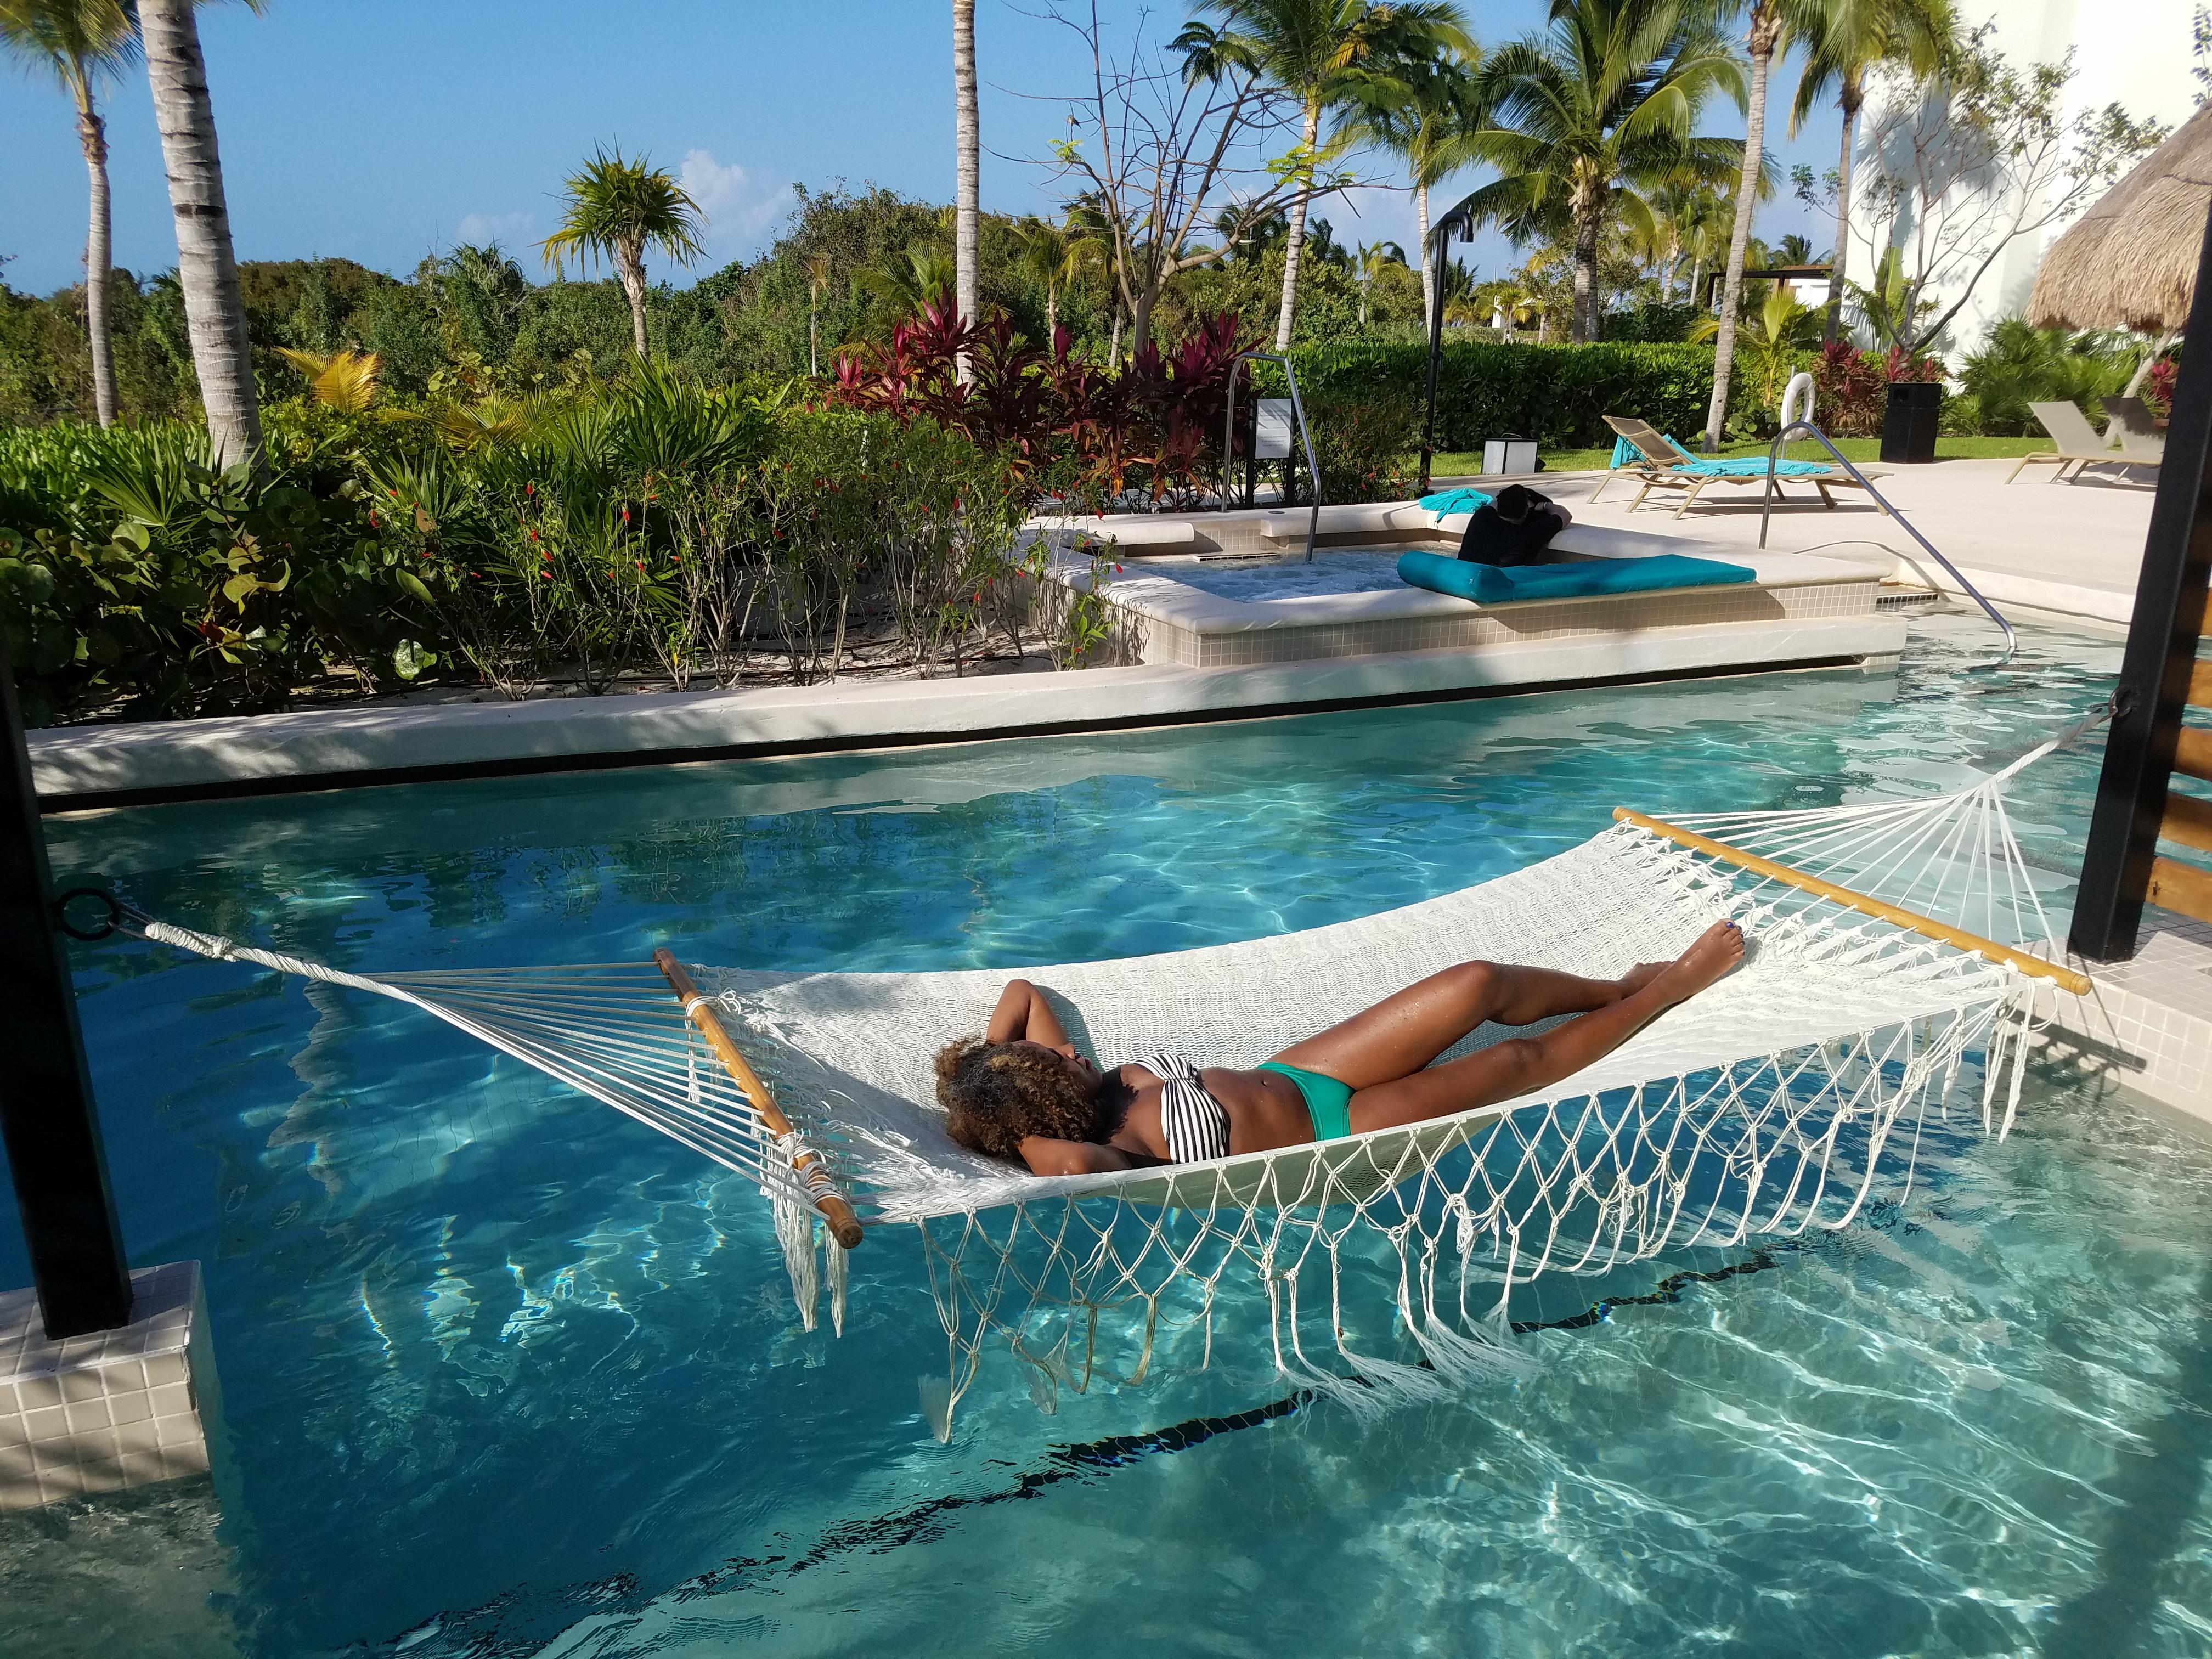 Detta hotell ligger 5 minuters bilresa från. Review Finest Playa Mujeres Golden Life Musings